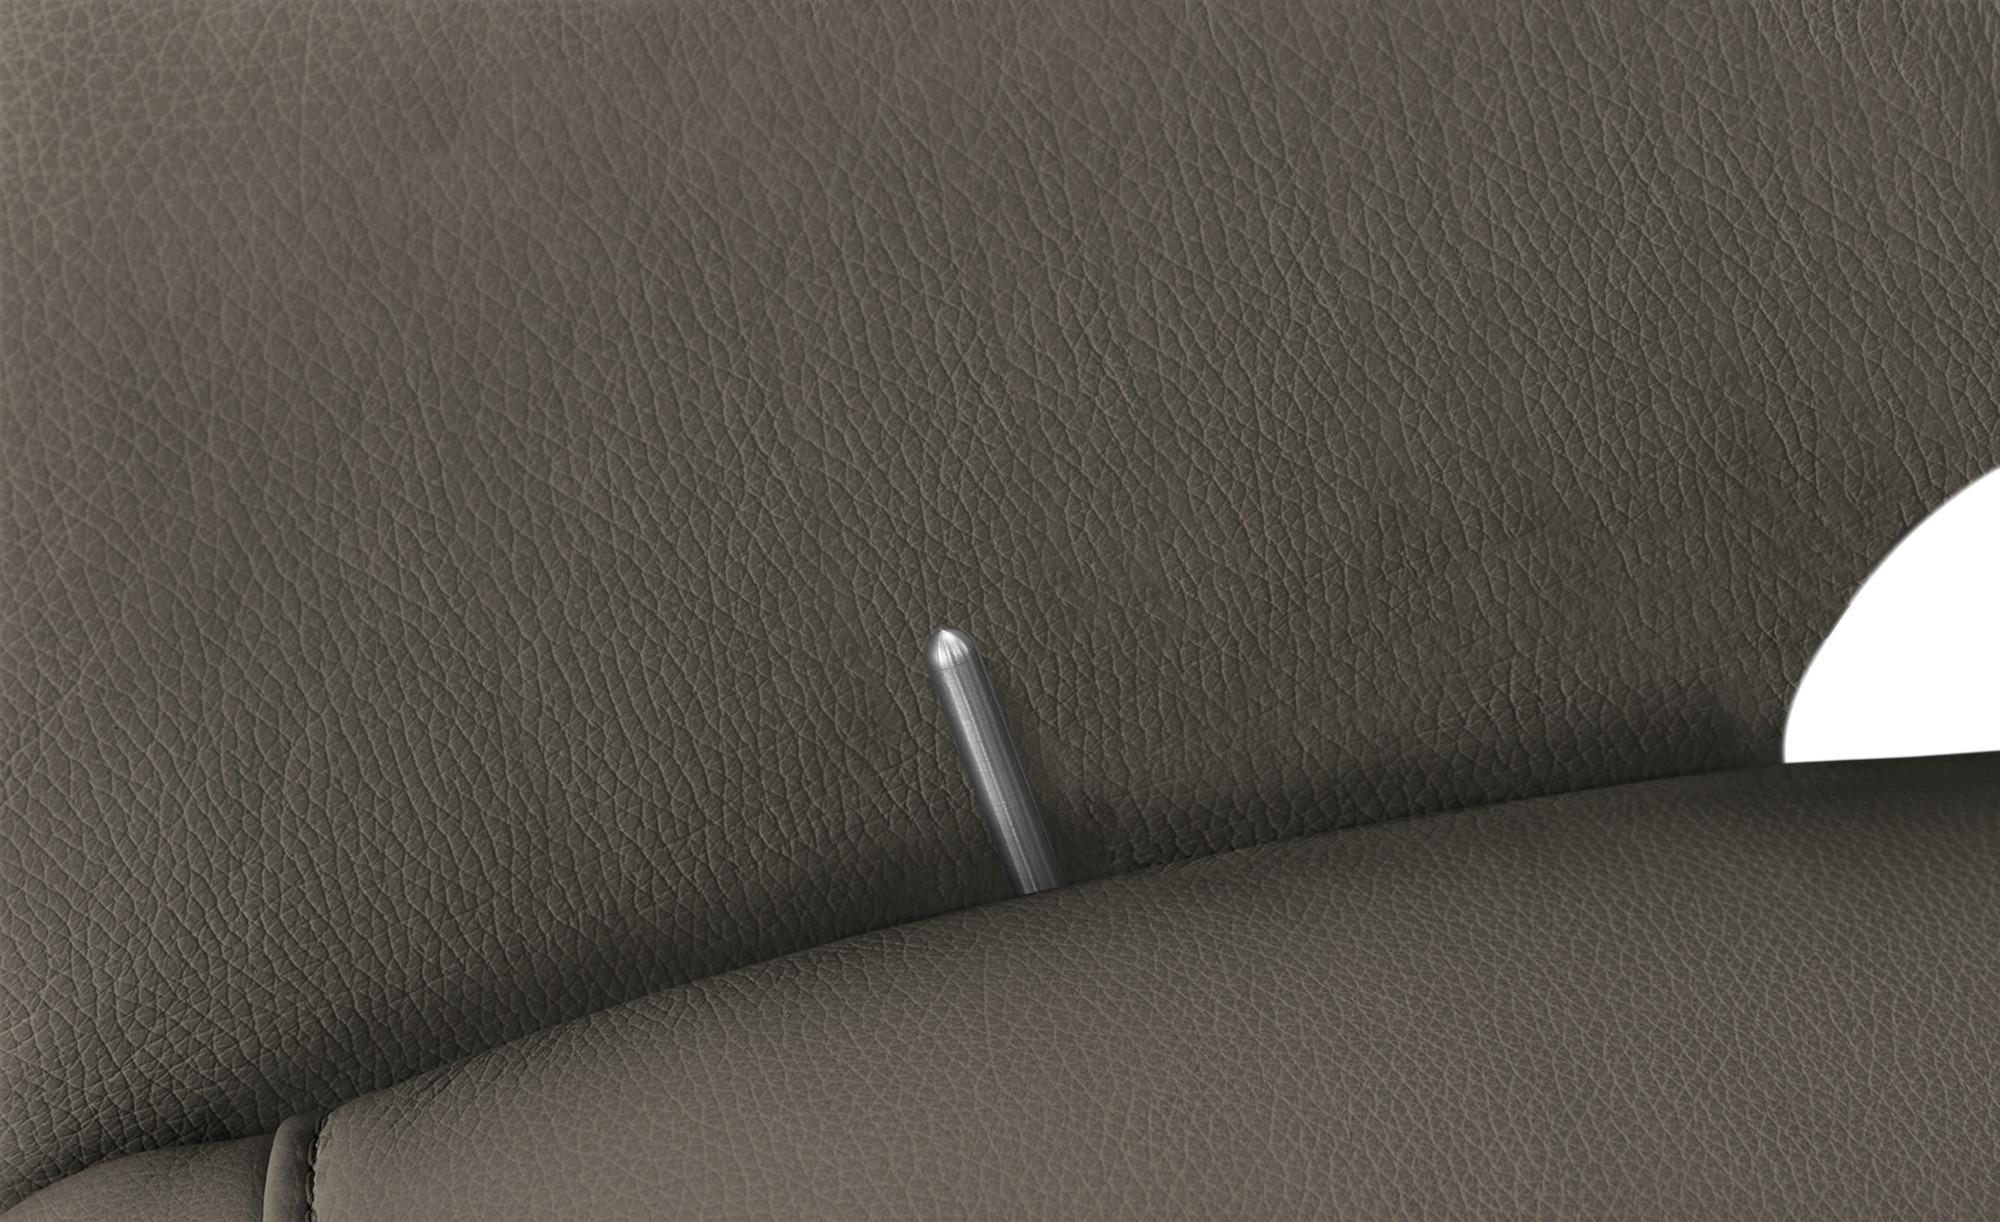 himolla Leder-Relaxsessel braun - Leder 7228 ¦ braun ¦ Maße (cm): B: 83 H: 109 T: 90 Polstermöbel > Sessel > Fernsehsessel - Höffner